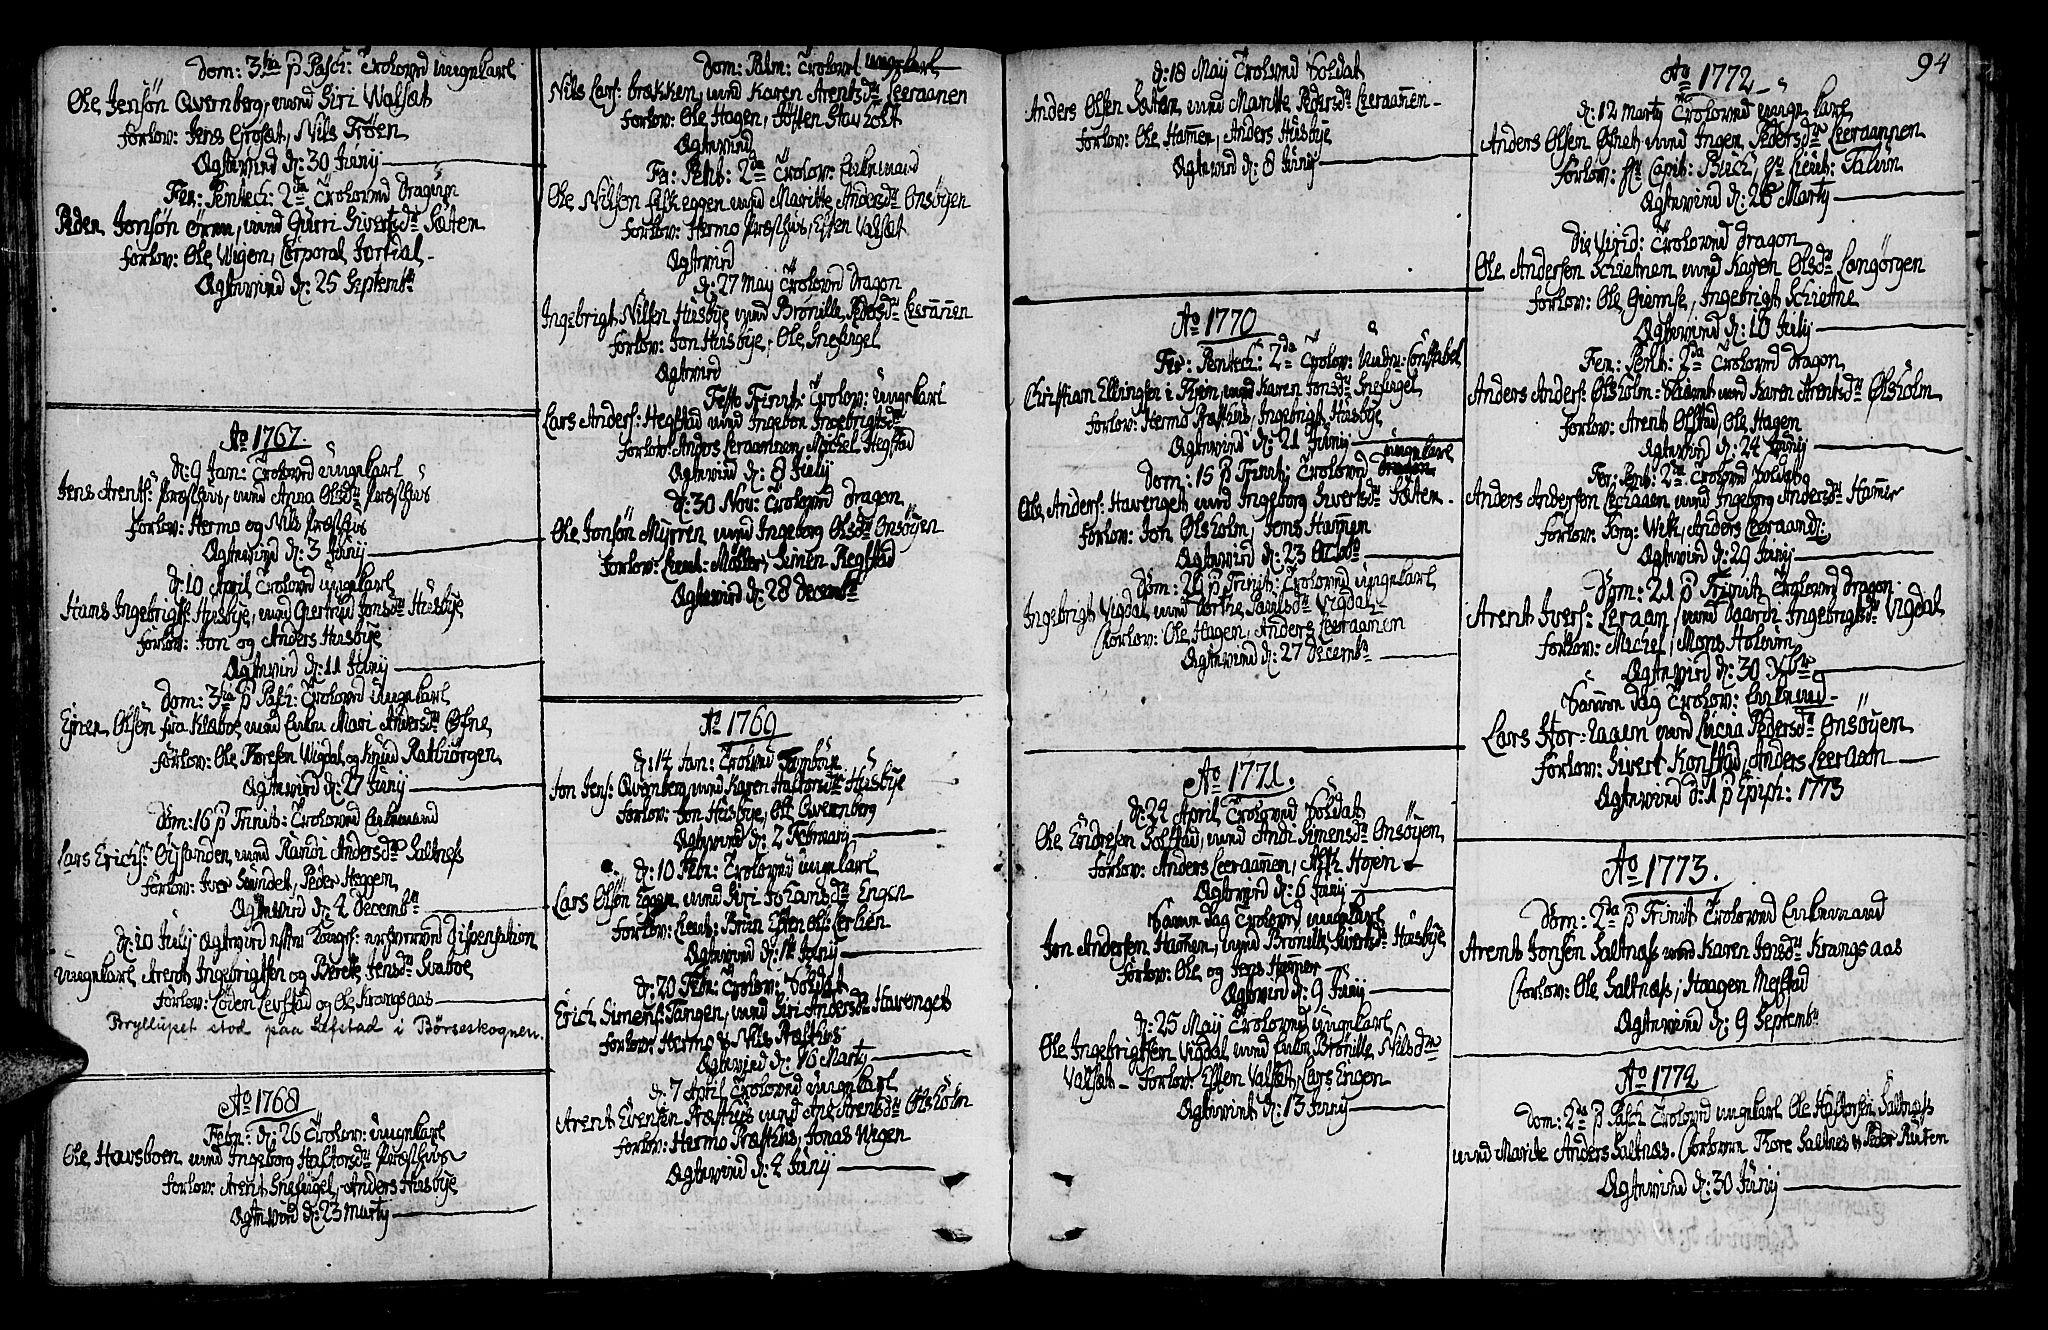 SAT, Ministerialprotokoller, klokkerbøker og fødselsregistre - Sør-Trøndelag, 666/L0784: Ministerialbok nr. 666A02, 1754-1802, s. 94